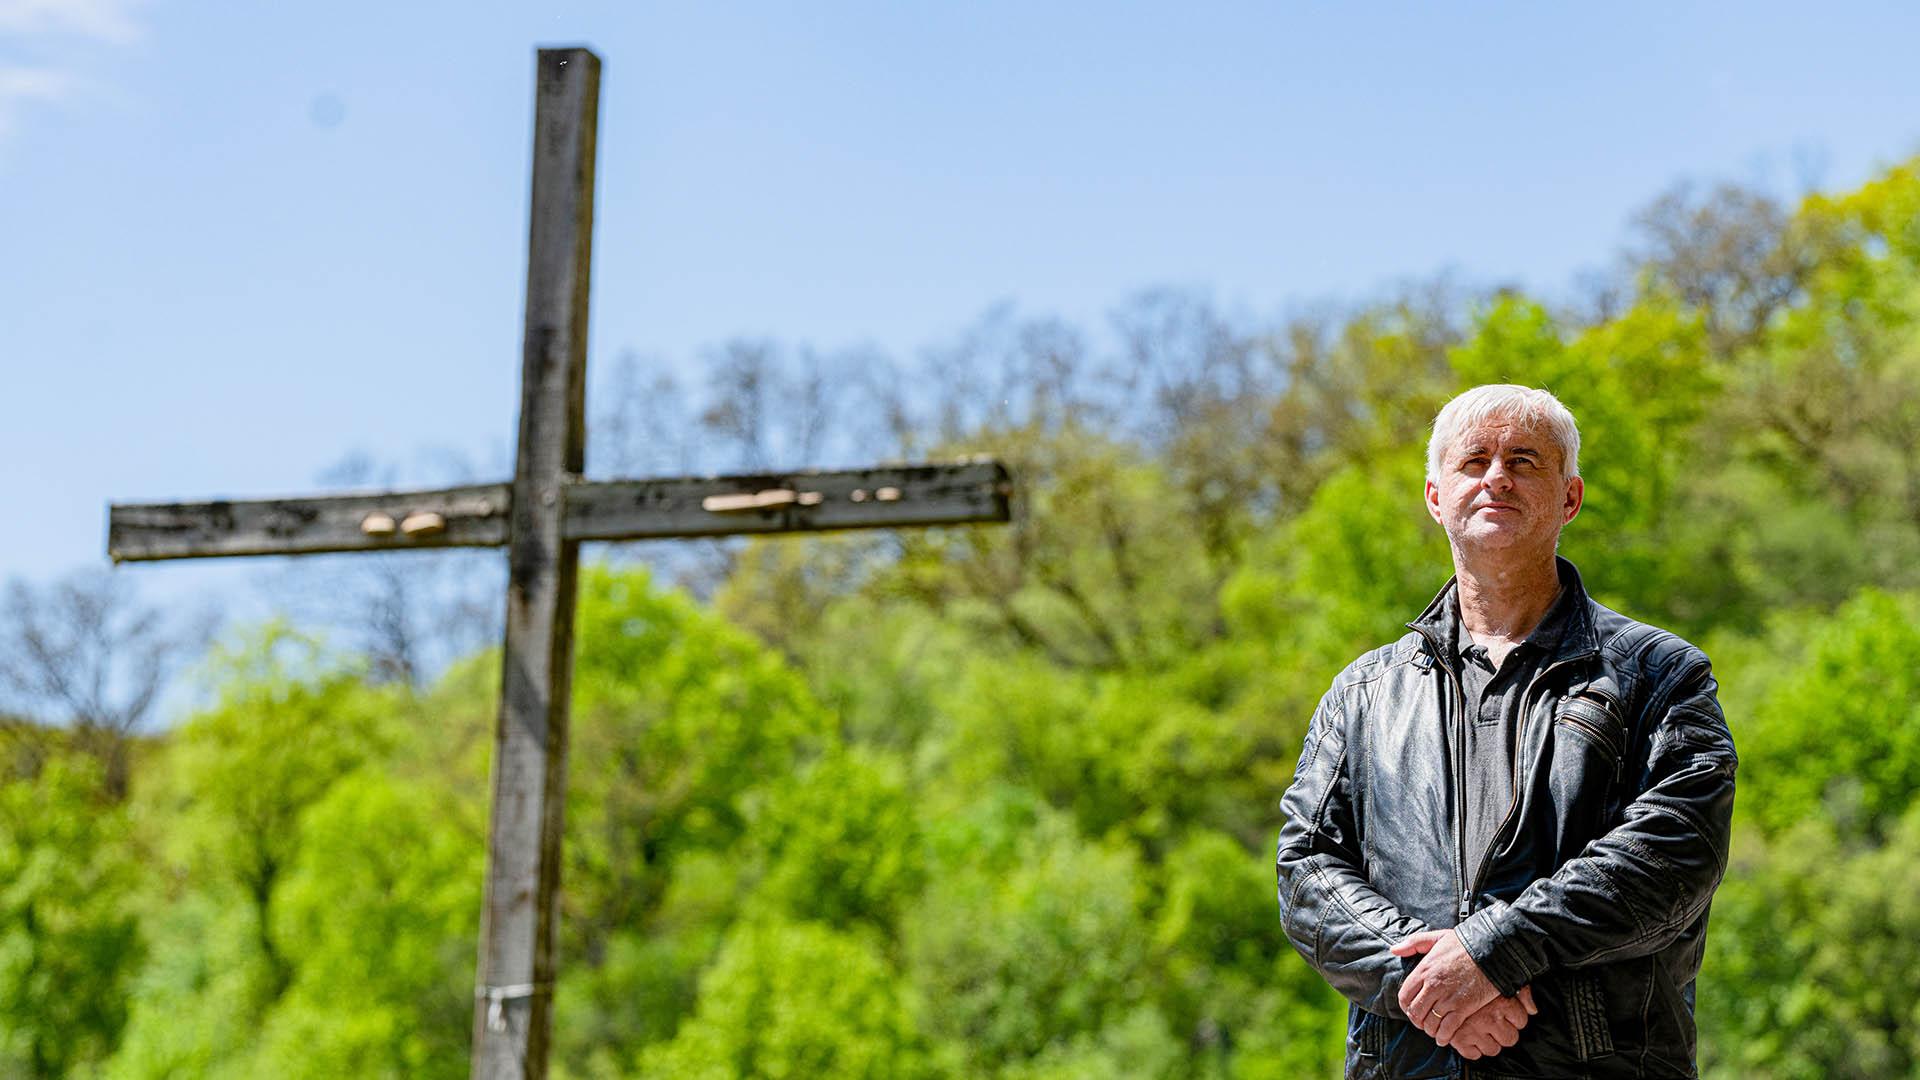 b. molnár márk biblia csodás gyógyulások evangélista fegyveres őr jézus magyari lászló ördög ördögűző sátán verőlegény